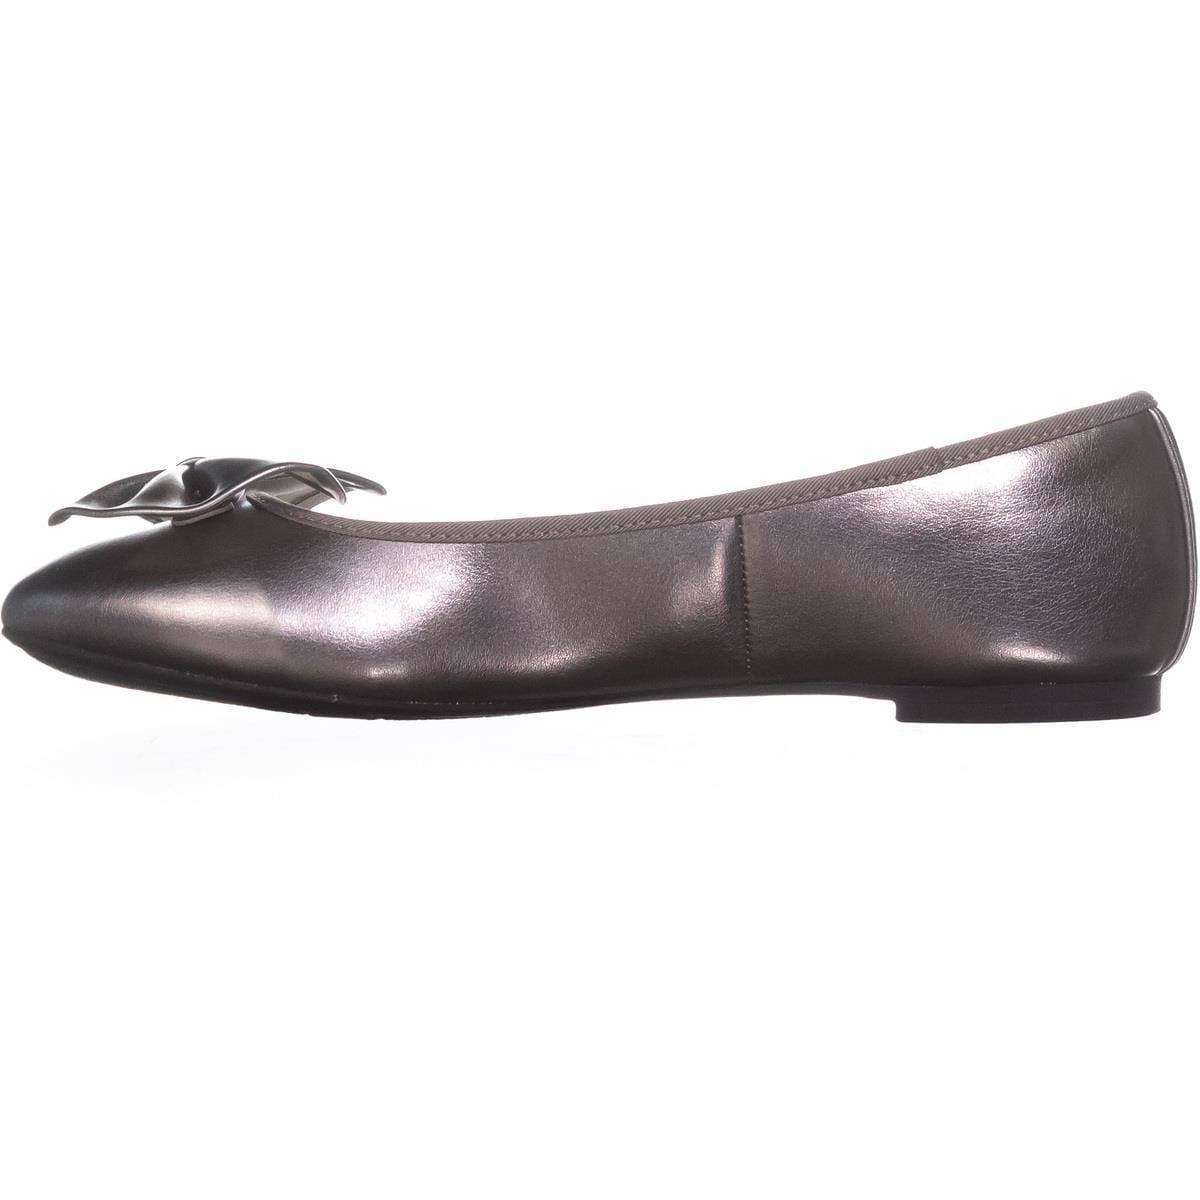 2220a848d Shop Circus Sam Edelman Ciera Bow Ballet Flats